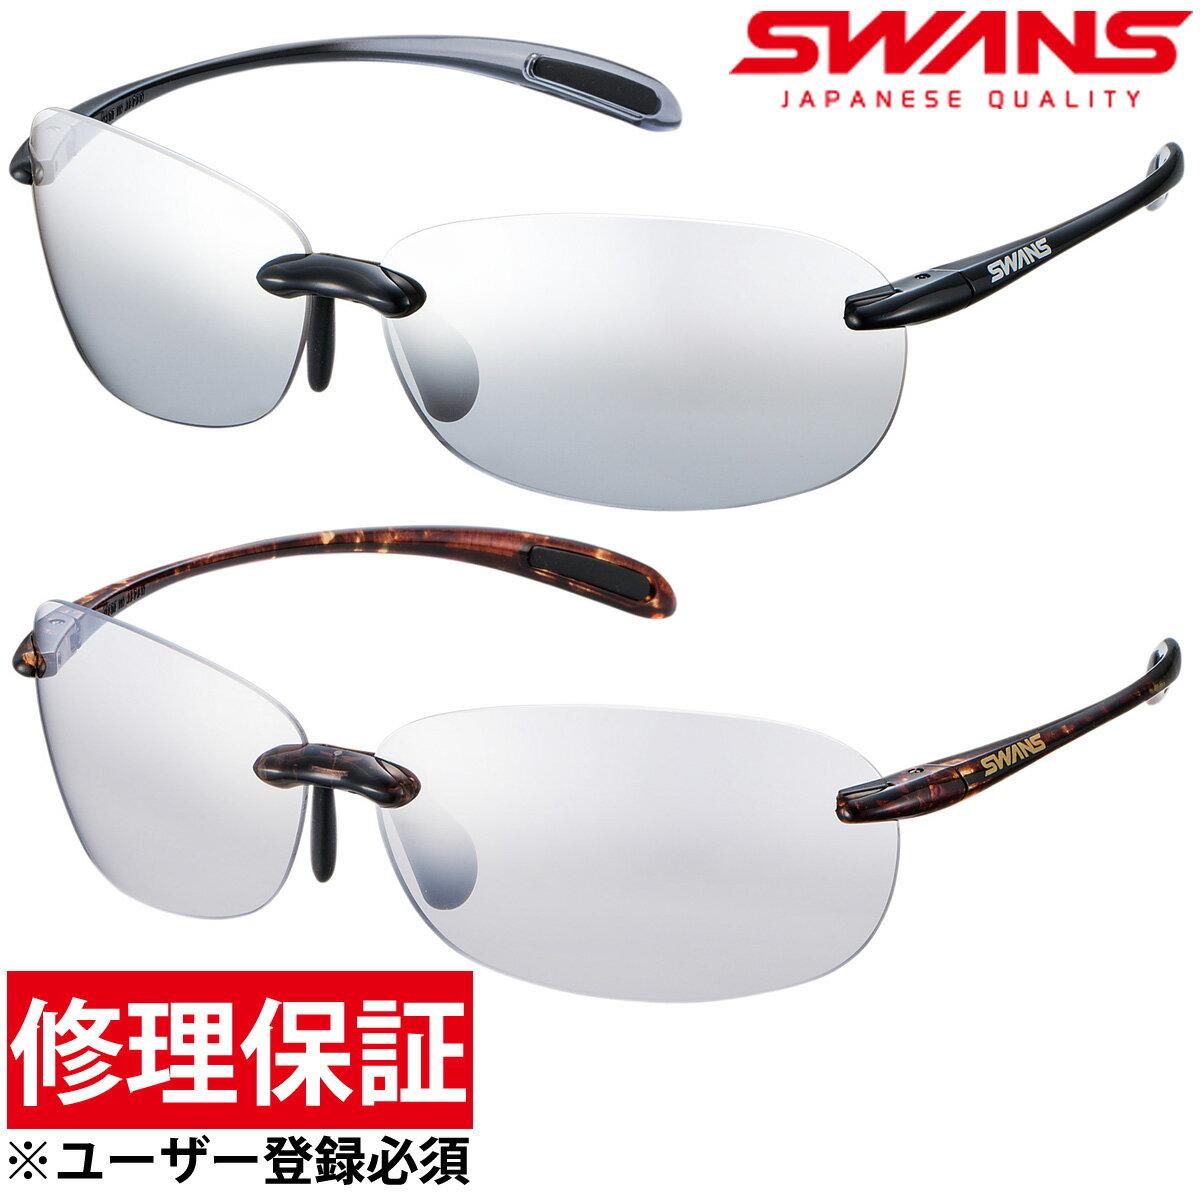 スポーツサングラス エアレス ビーンズ ハーフミラーレンズ SWANS メンズ レディース…...:loupe-studio:10451532